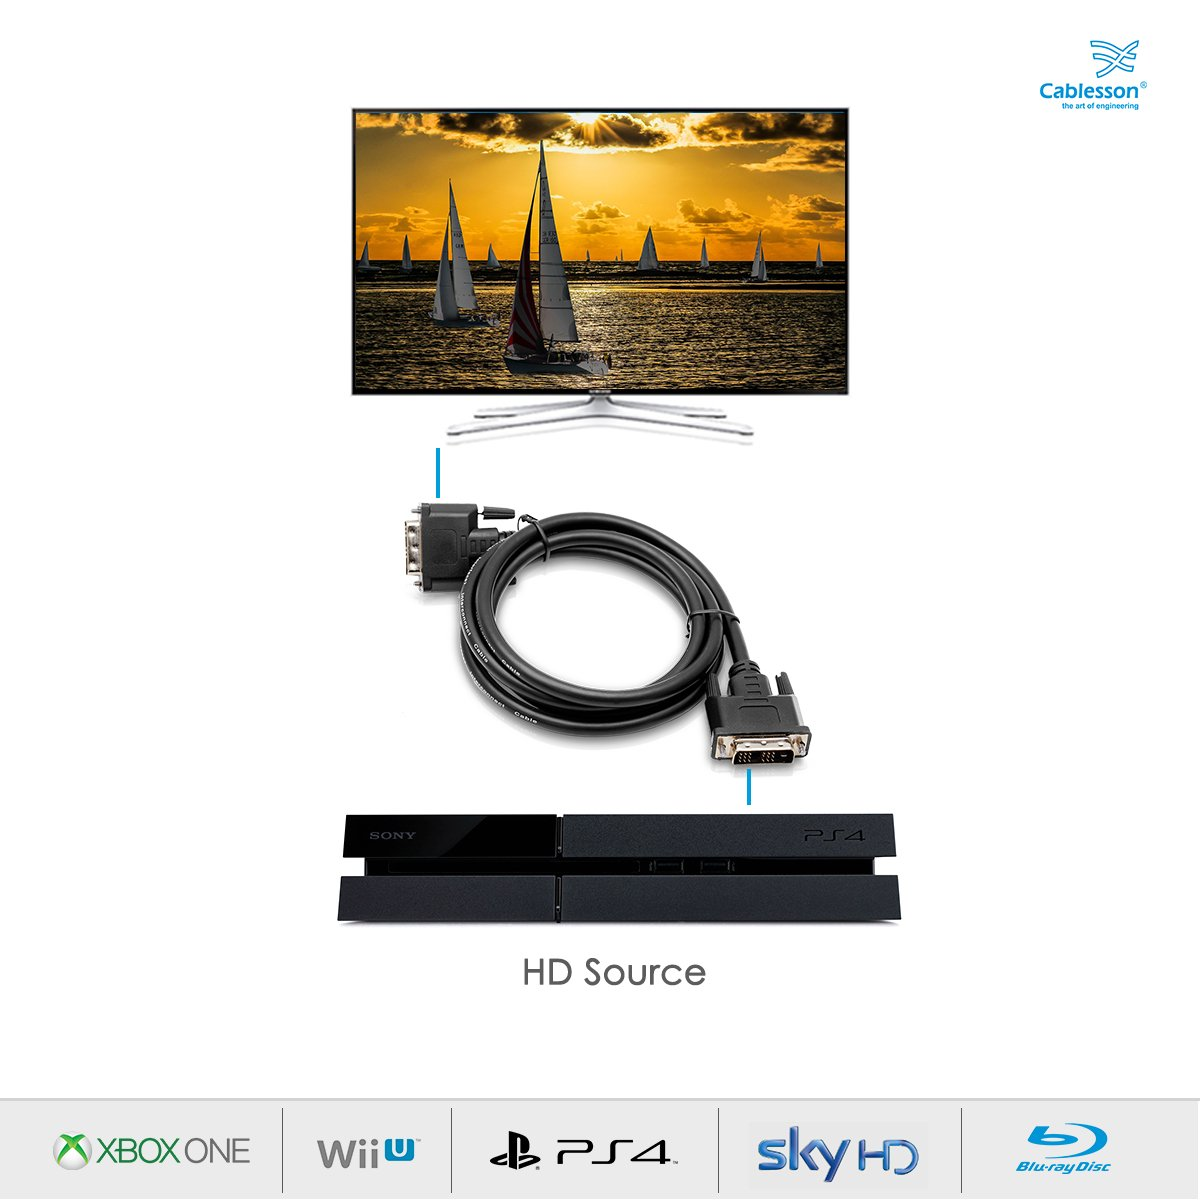 DVI- D m/âle vers DVI-D m/âle avec connecteurs en plaqu/é-Or 15m. Noir Moniteur et projecteur Haut D/ébit C/âble DVI vers DVI Single Link 19 Broches pour TV r/ésolutions TV HD jusqu/à 1920x1080